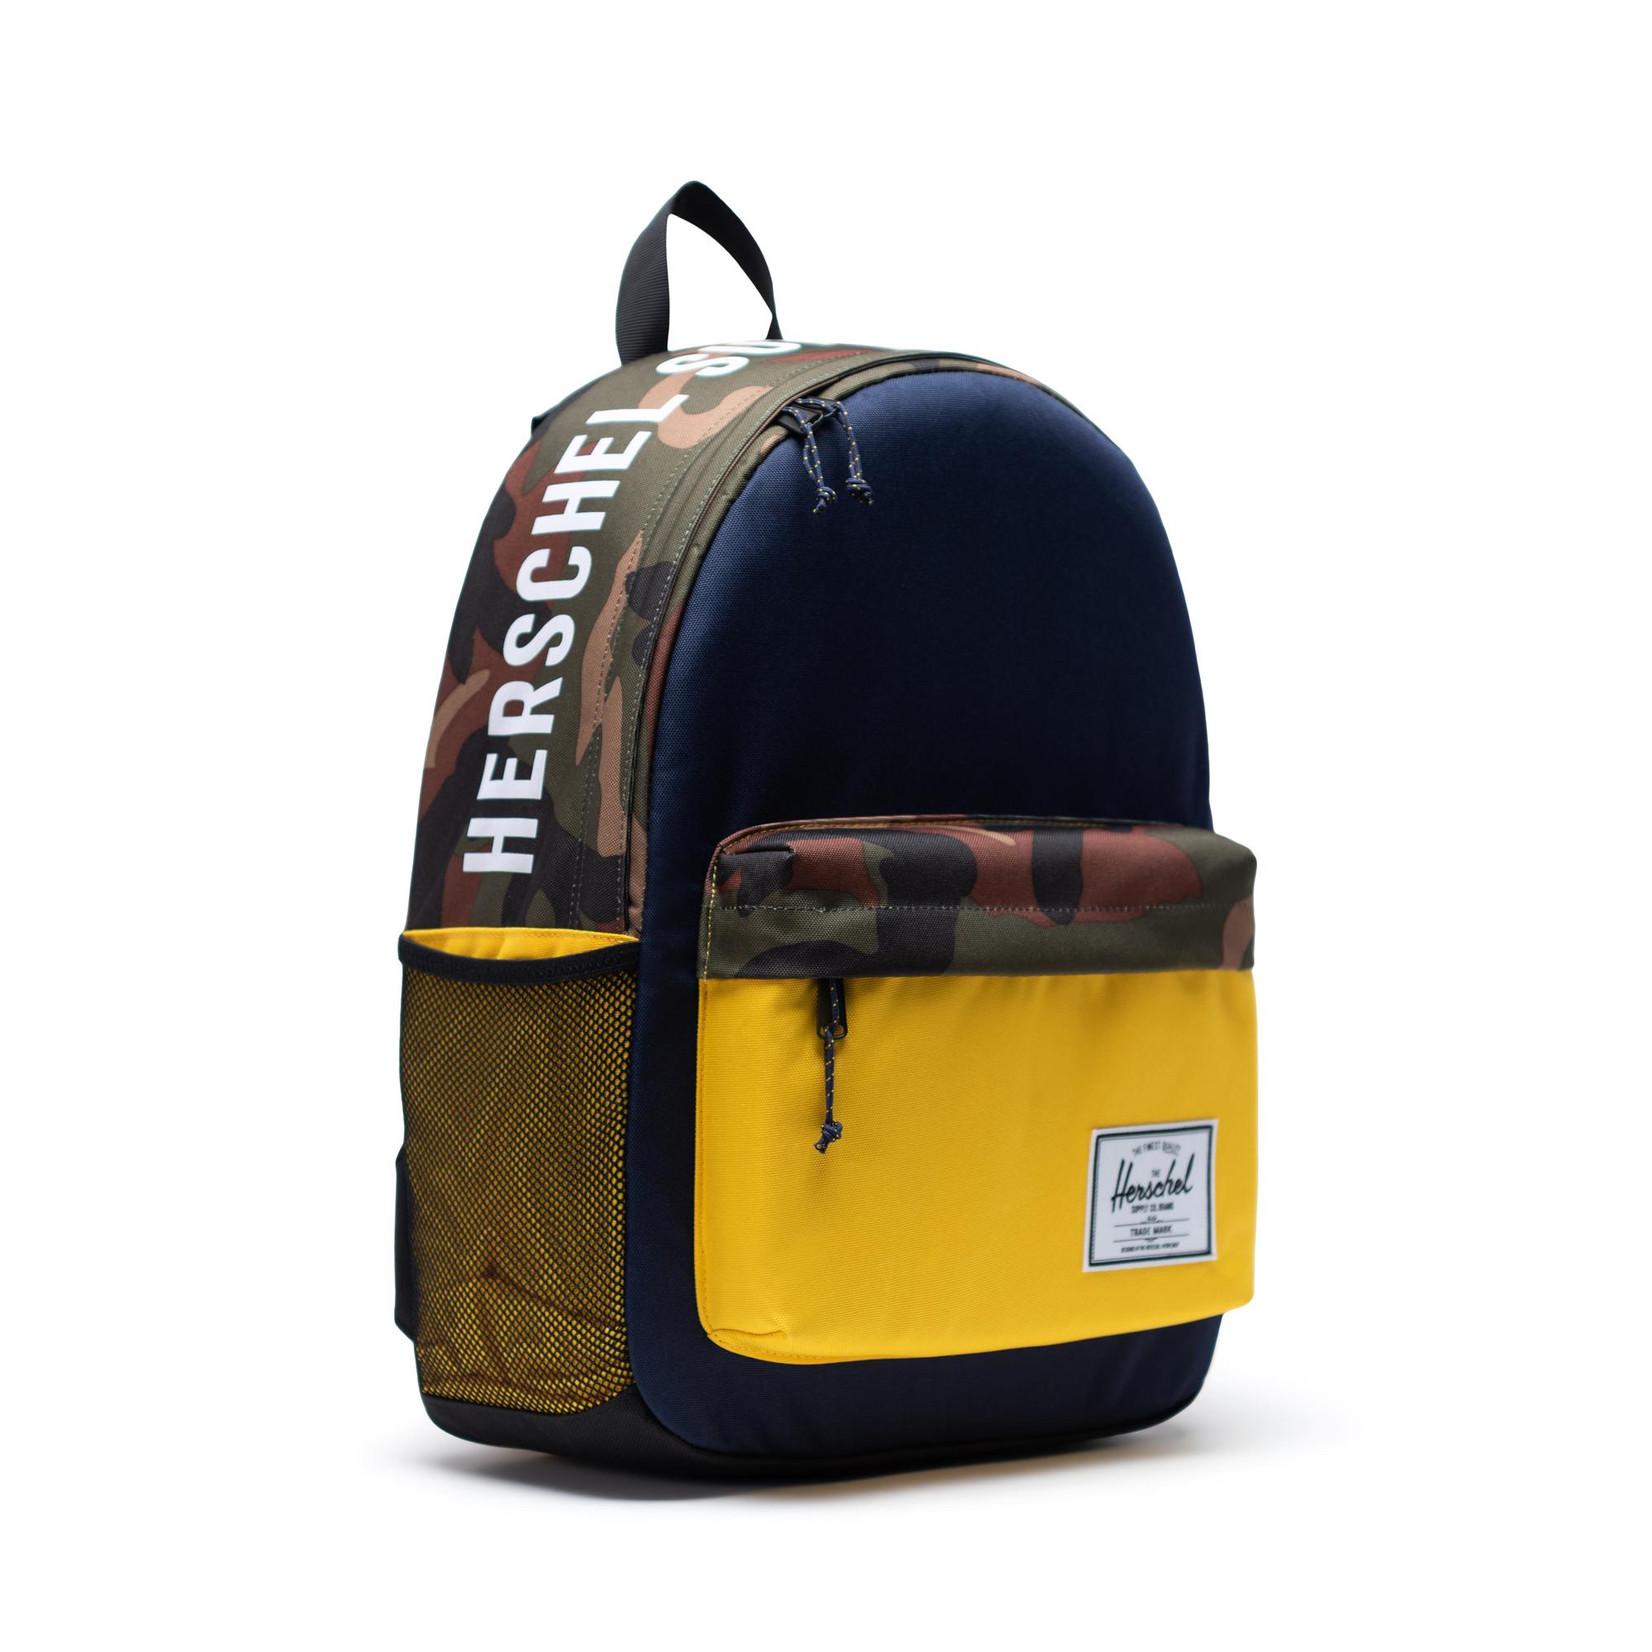 Herschel Athletics I Classic X-Large Peacoat/Woodland camo/Lemon chrome